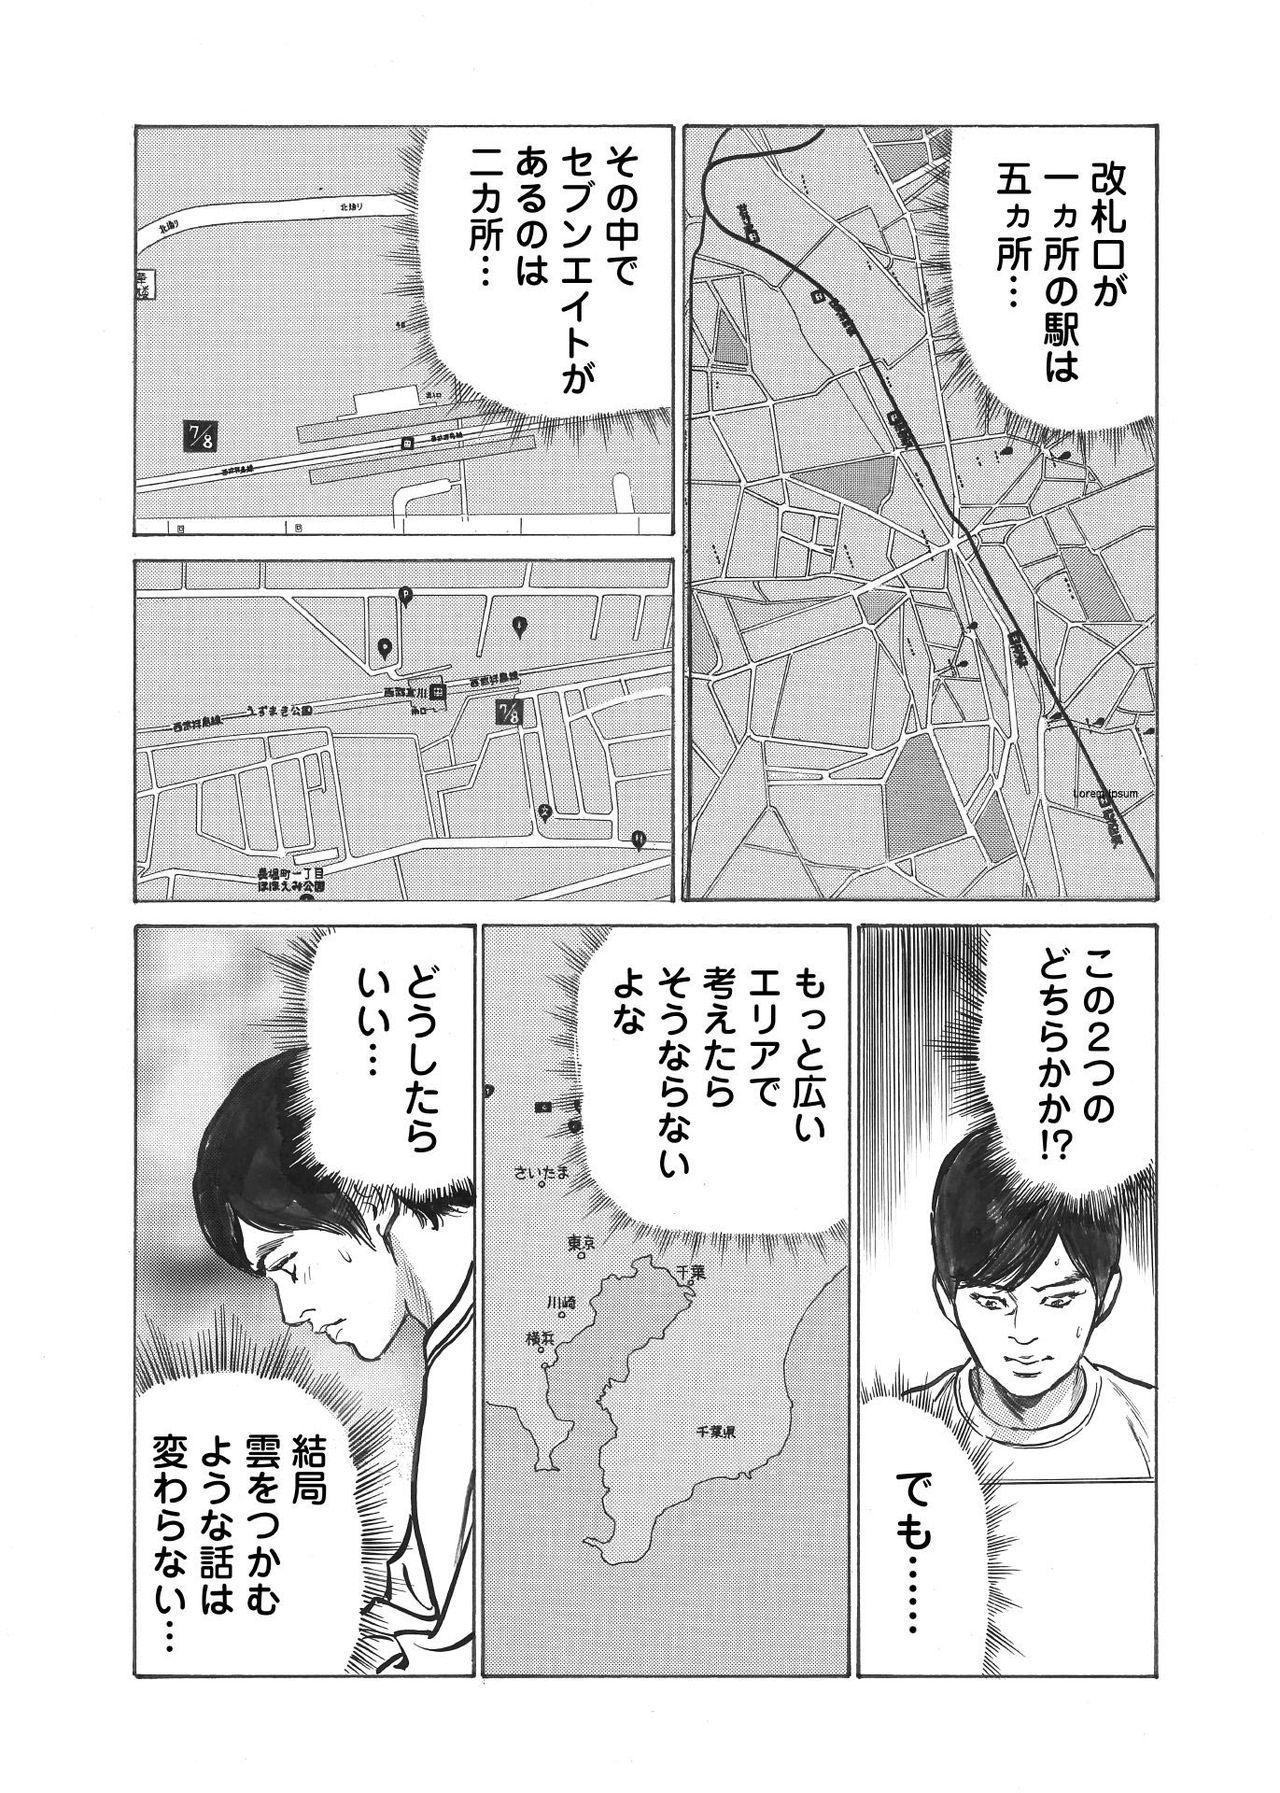 Ore wa Tsuma no Koto o Yoku Shiranai 1-9 35